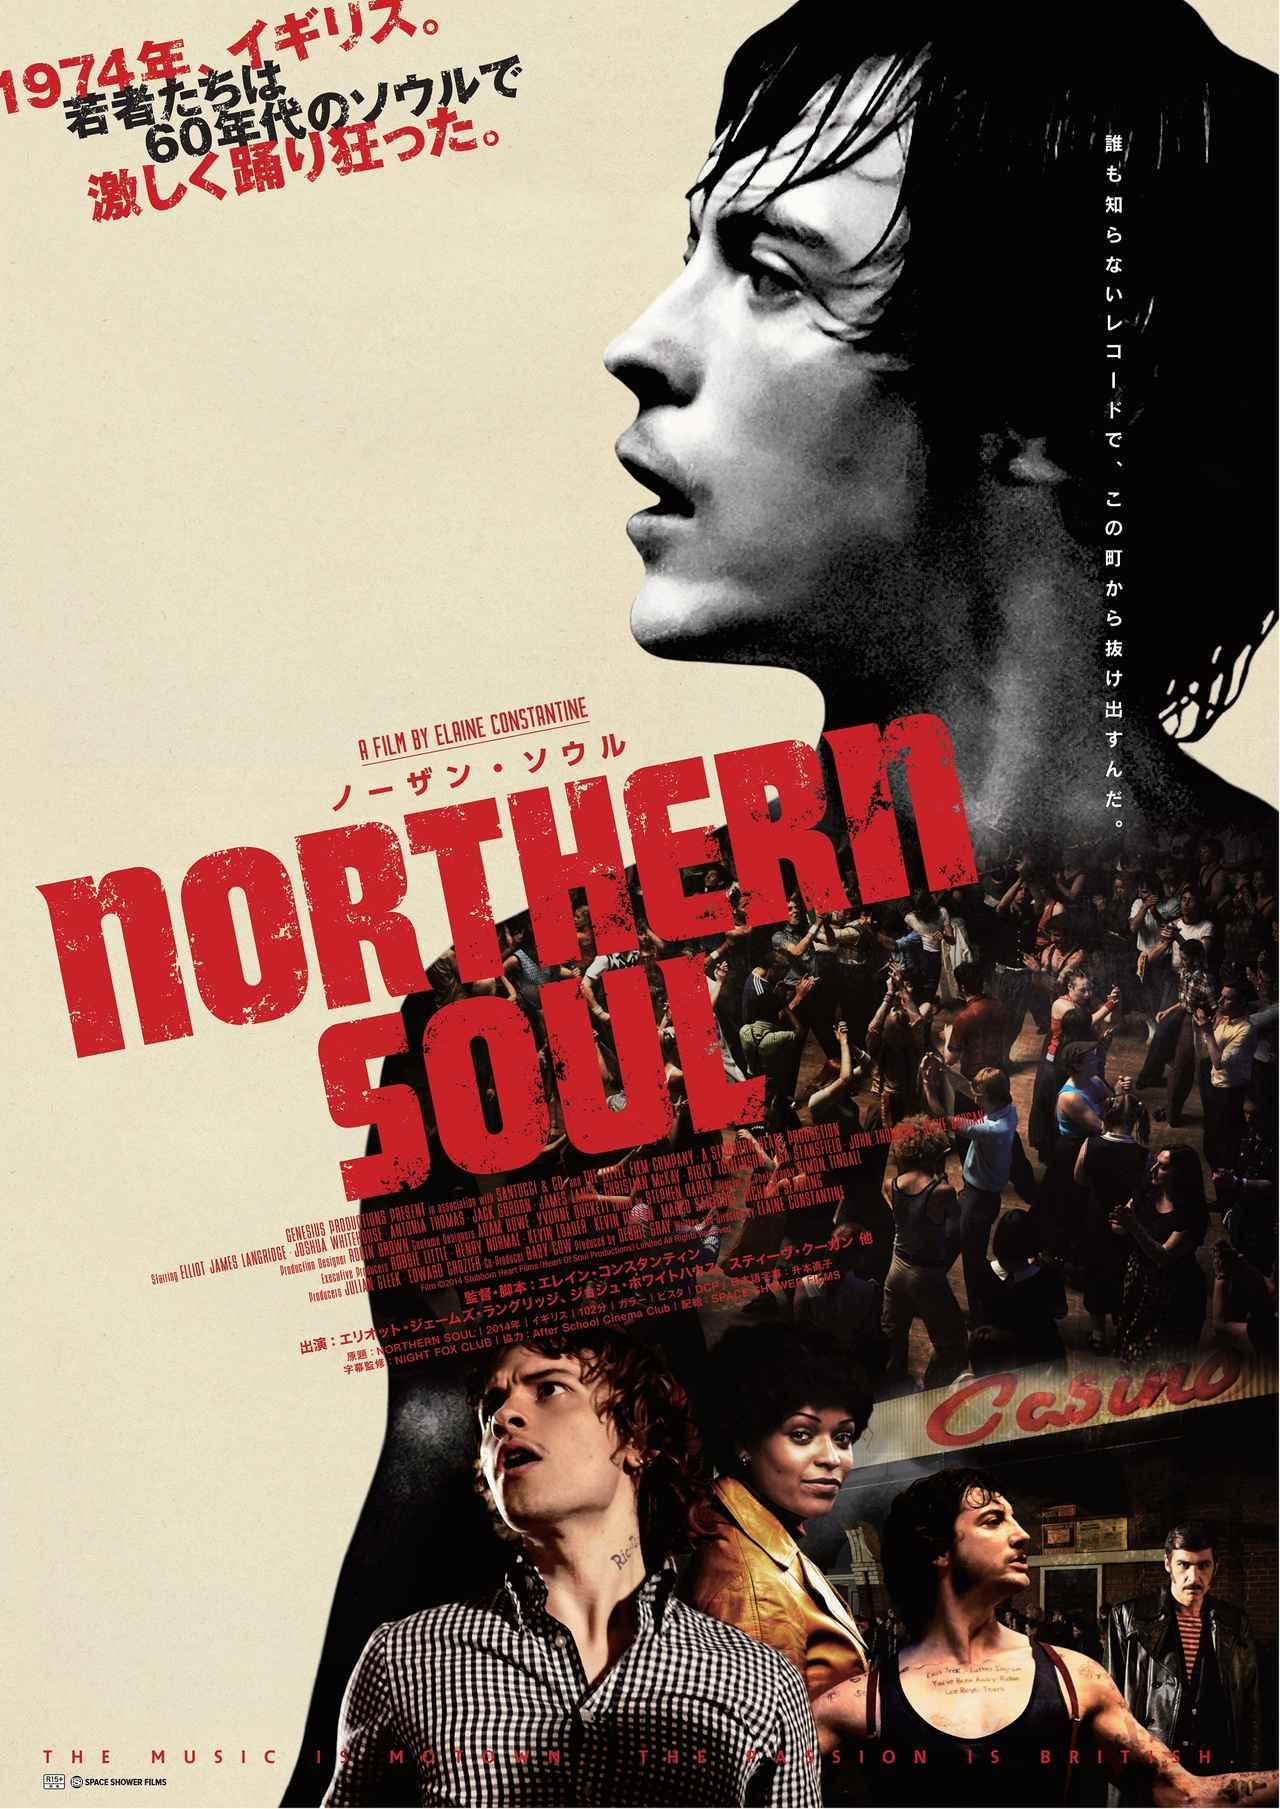 画像1: 1970年代のイギリスでソウル音楽に出会い人生が変わった青年の物語『ノーザン・ソウル』公開決定